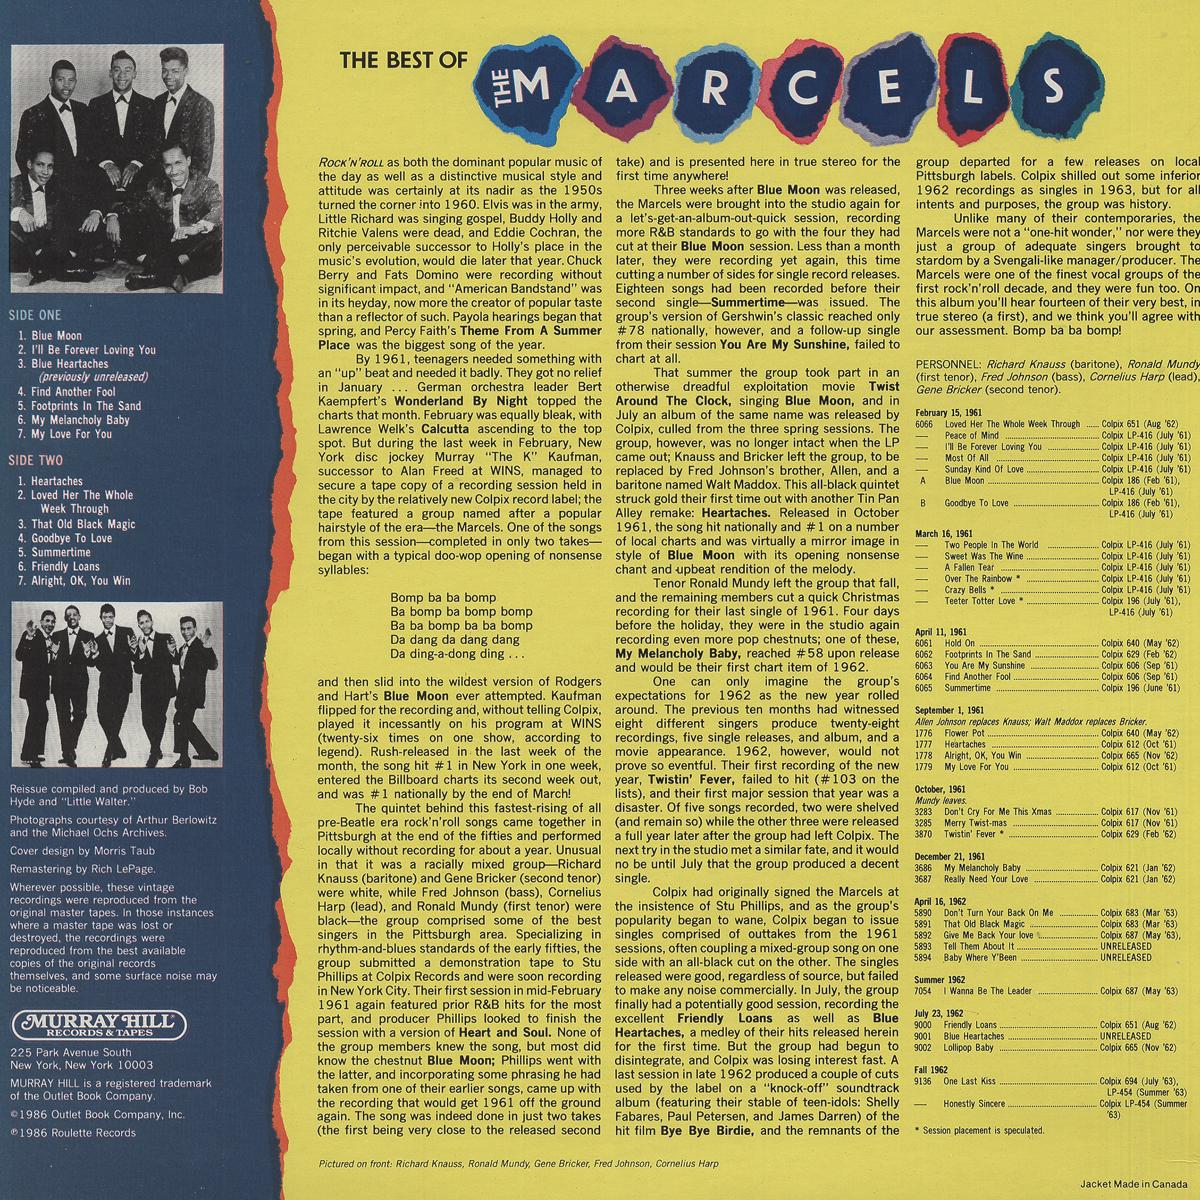 The Marcels Lp The Best Of The Marcels Vinyl Lp Bear